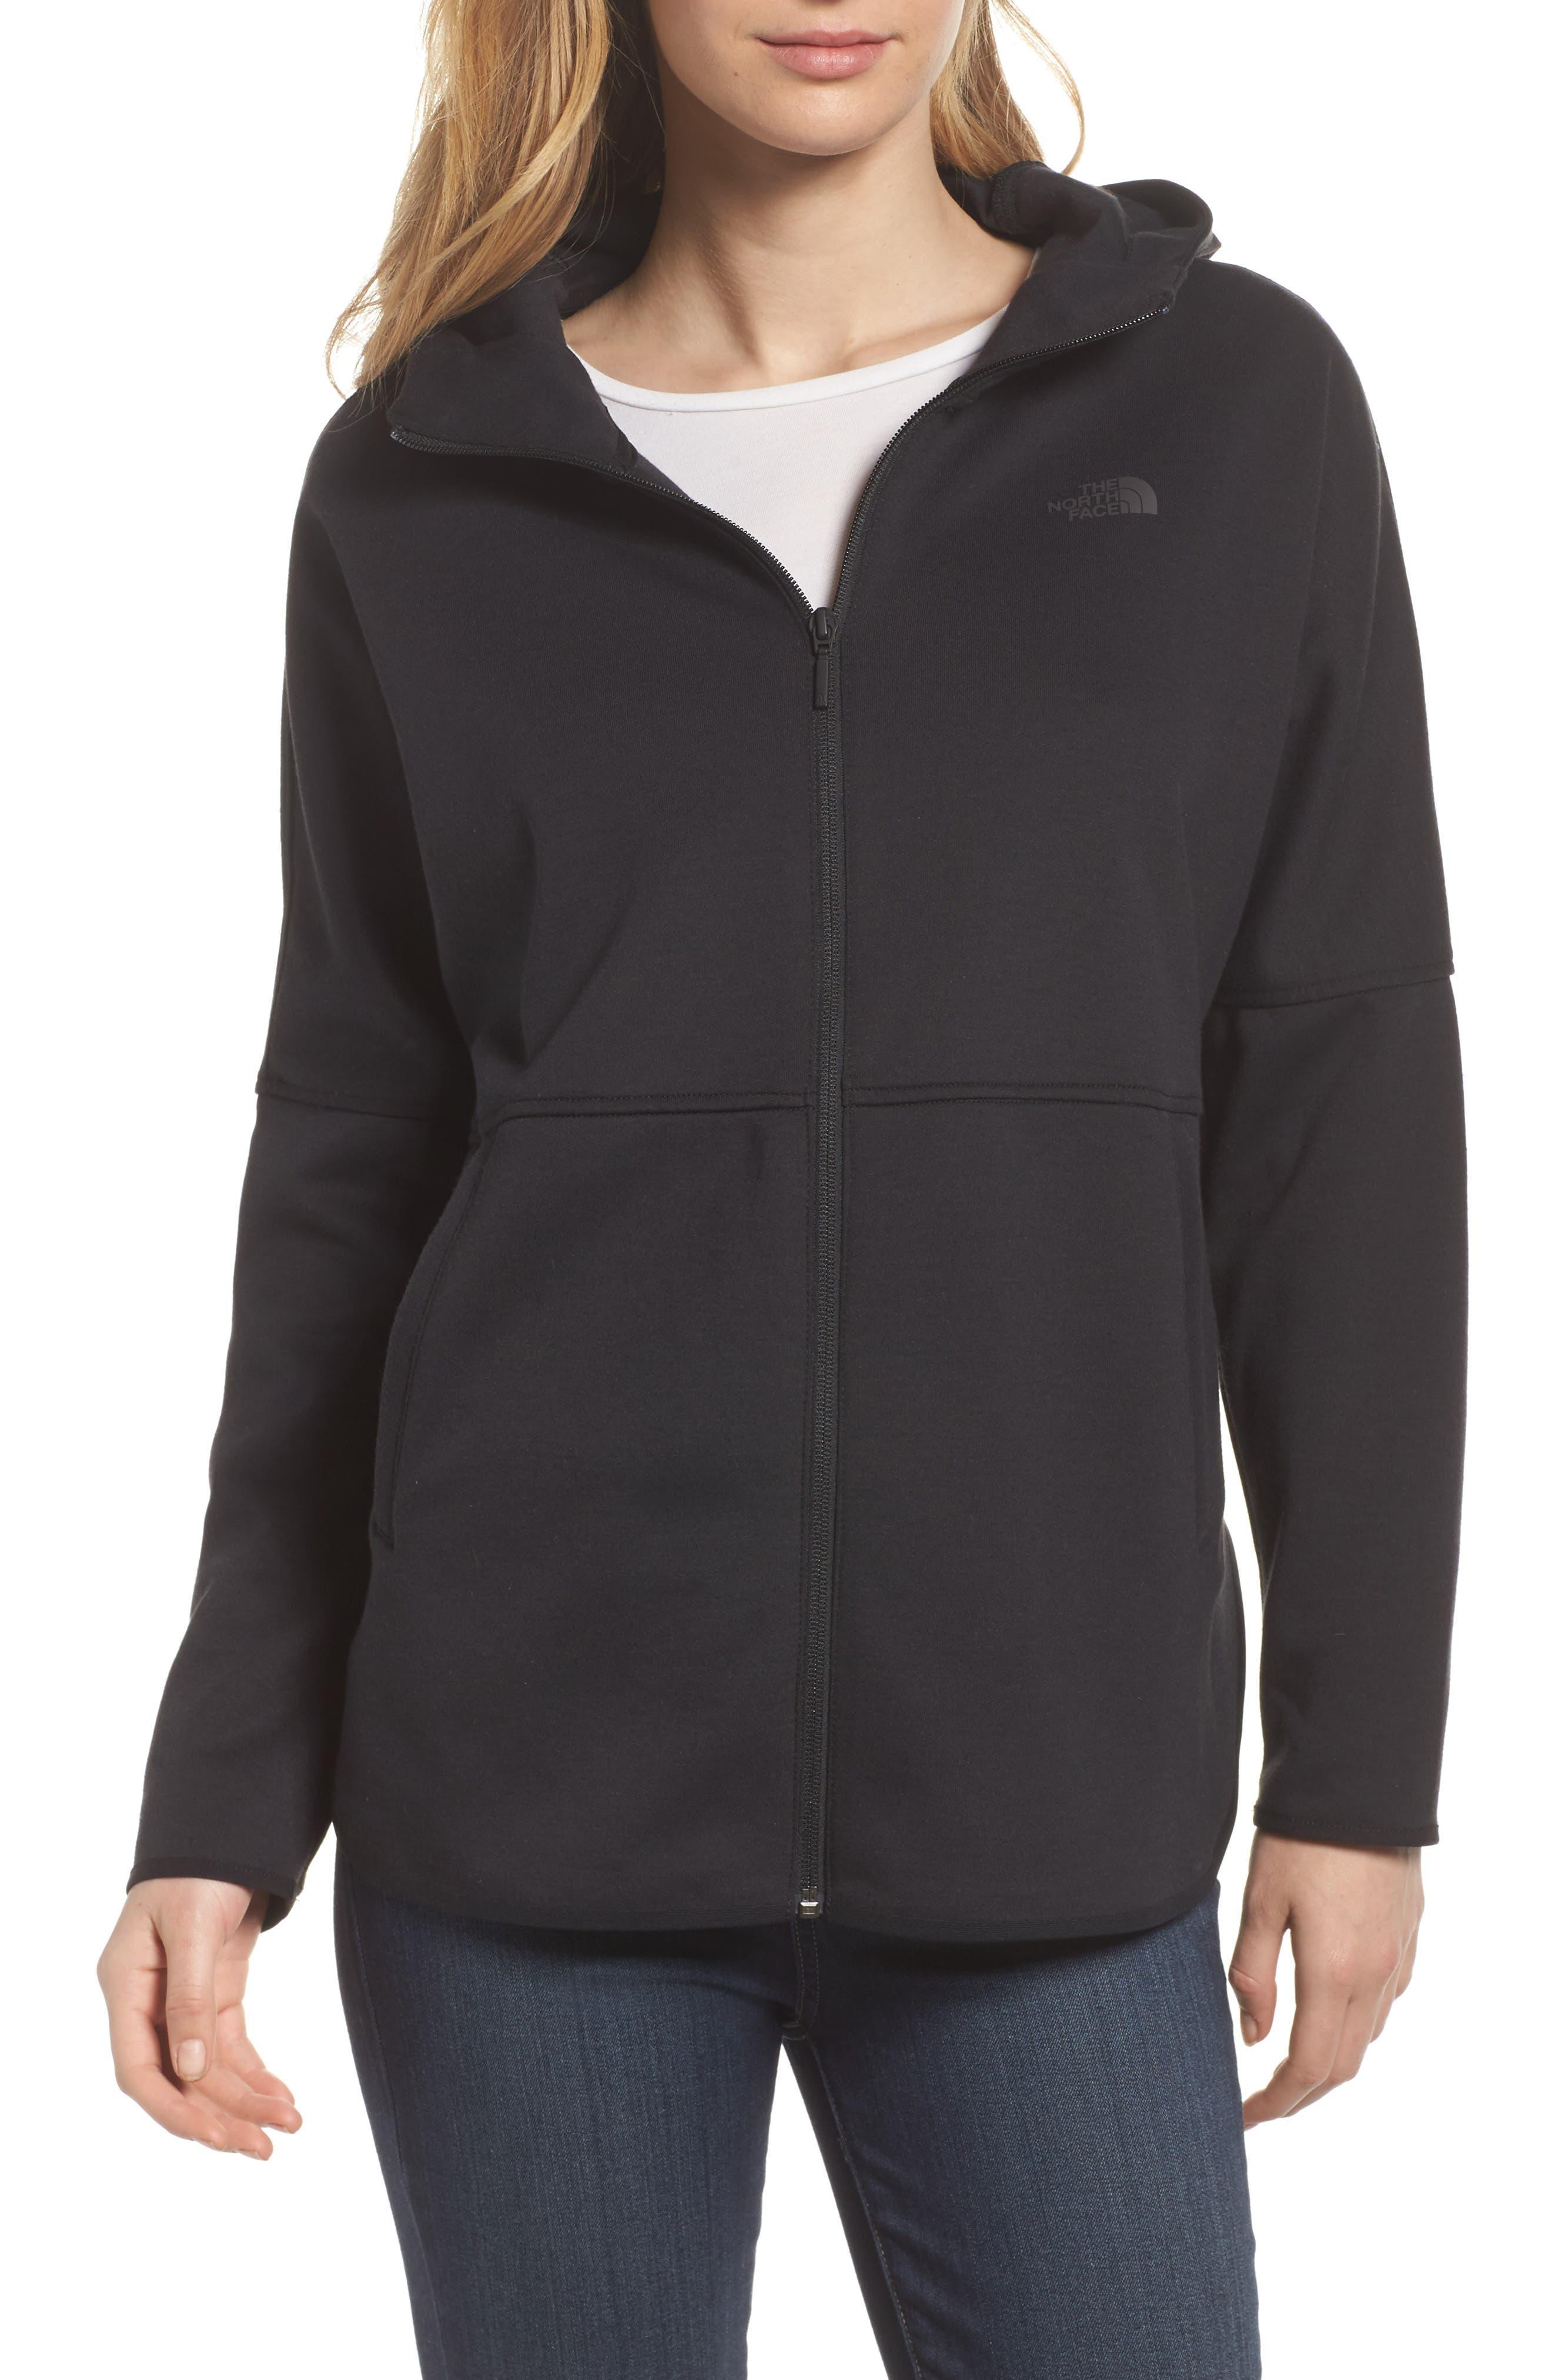 Slacker Hooded Jacket,                             Main thumbnail 1, color,                             Tnf Black